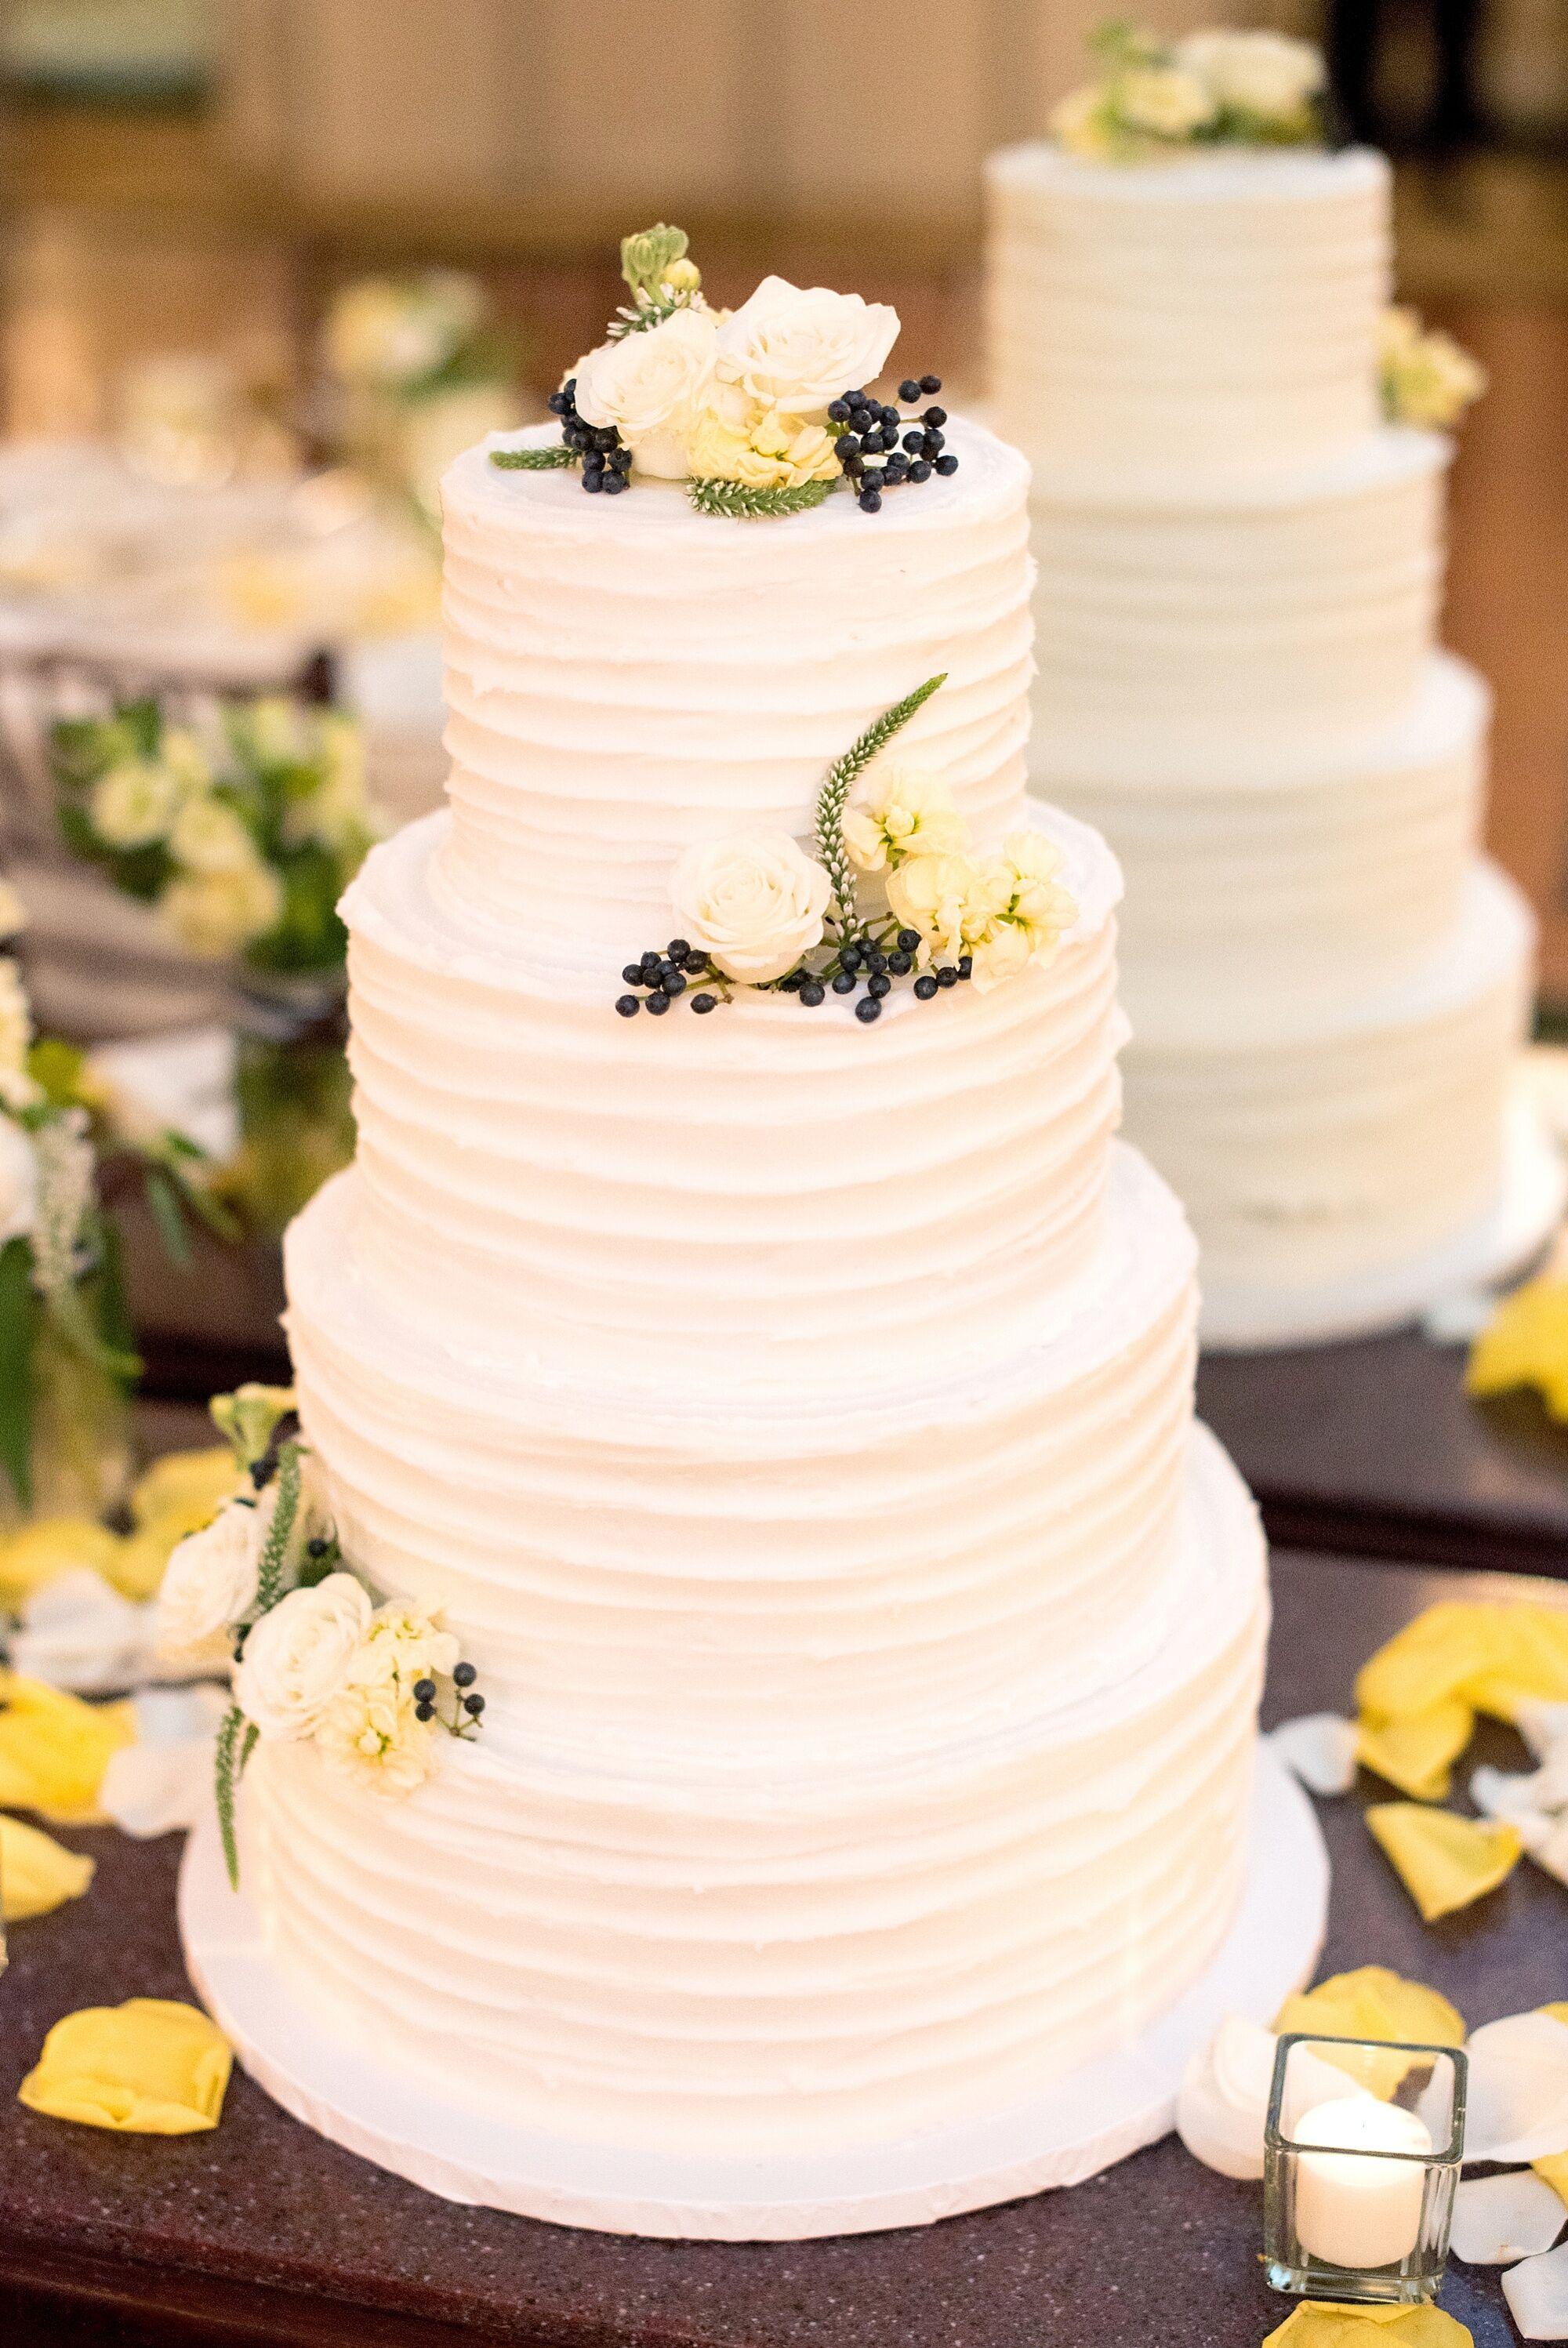 Four Tier White Buttercream Wedding Cake